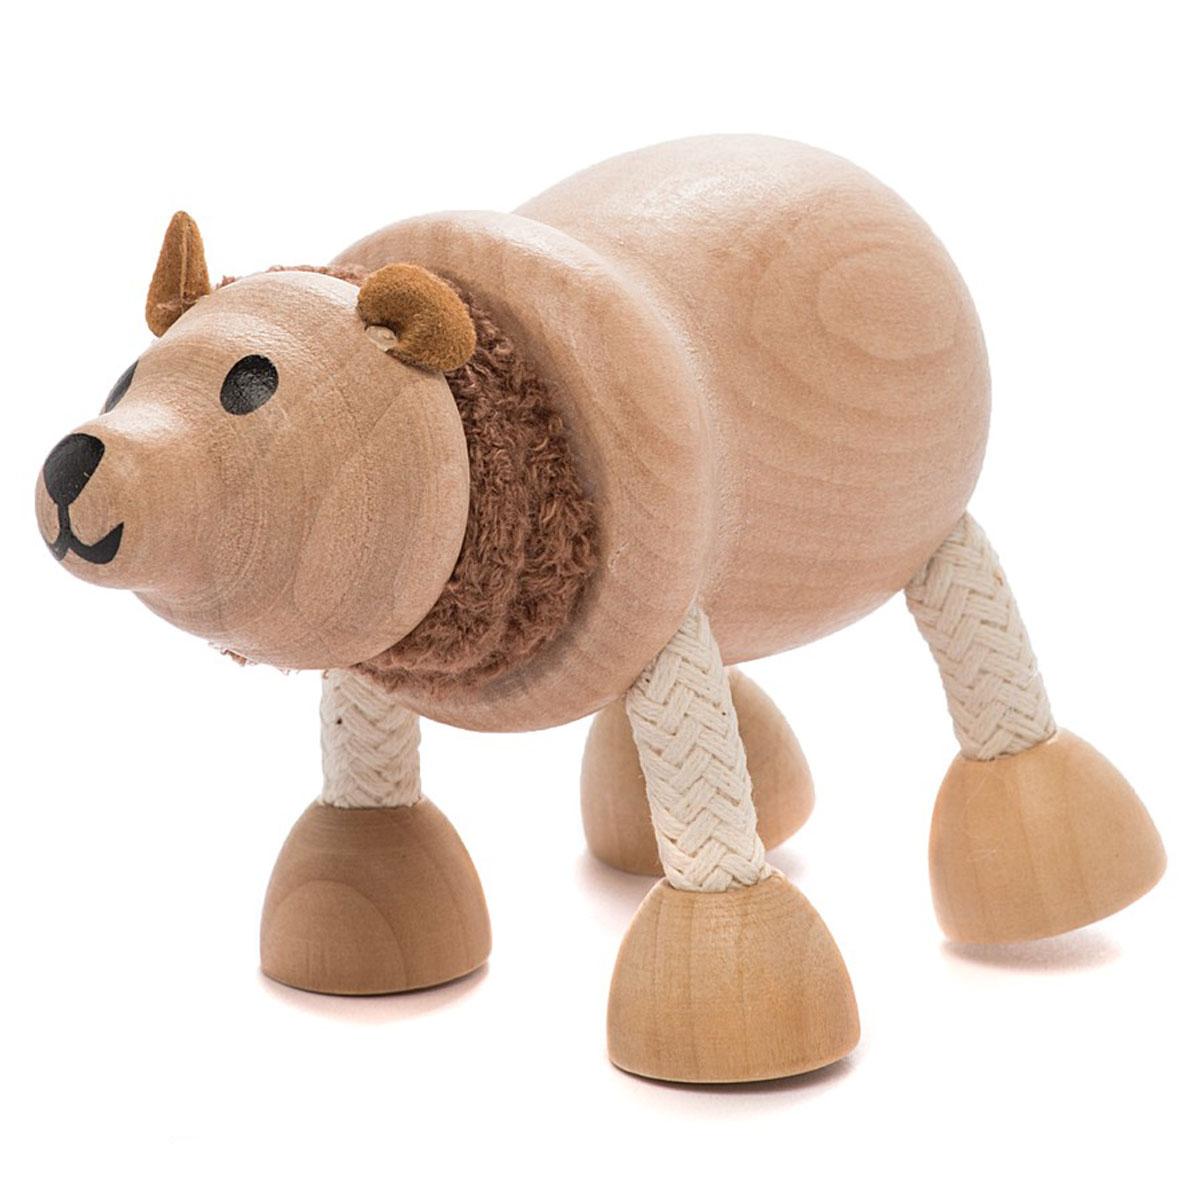 AnaMalz Фигурка деревянная Бурый мишка фигурки игрушки anamalz anamalz игровое поле